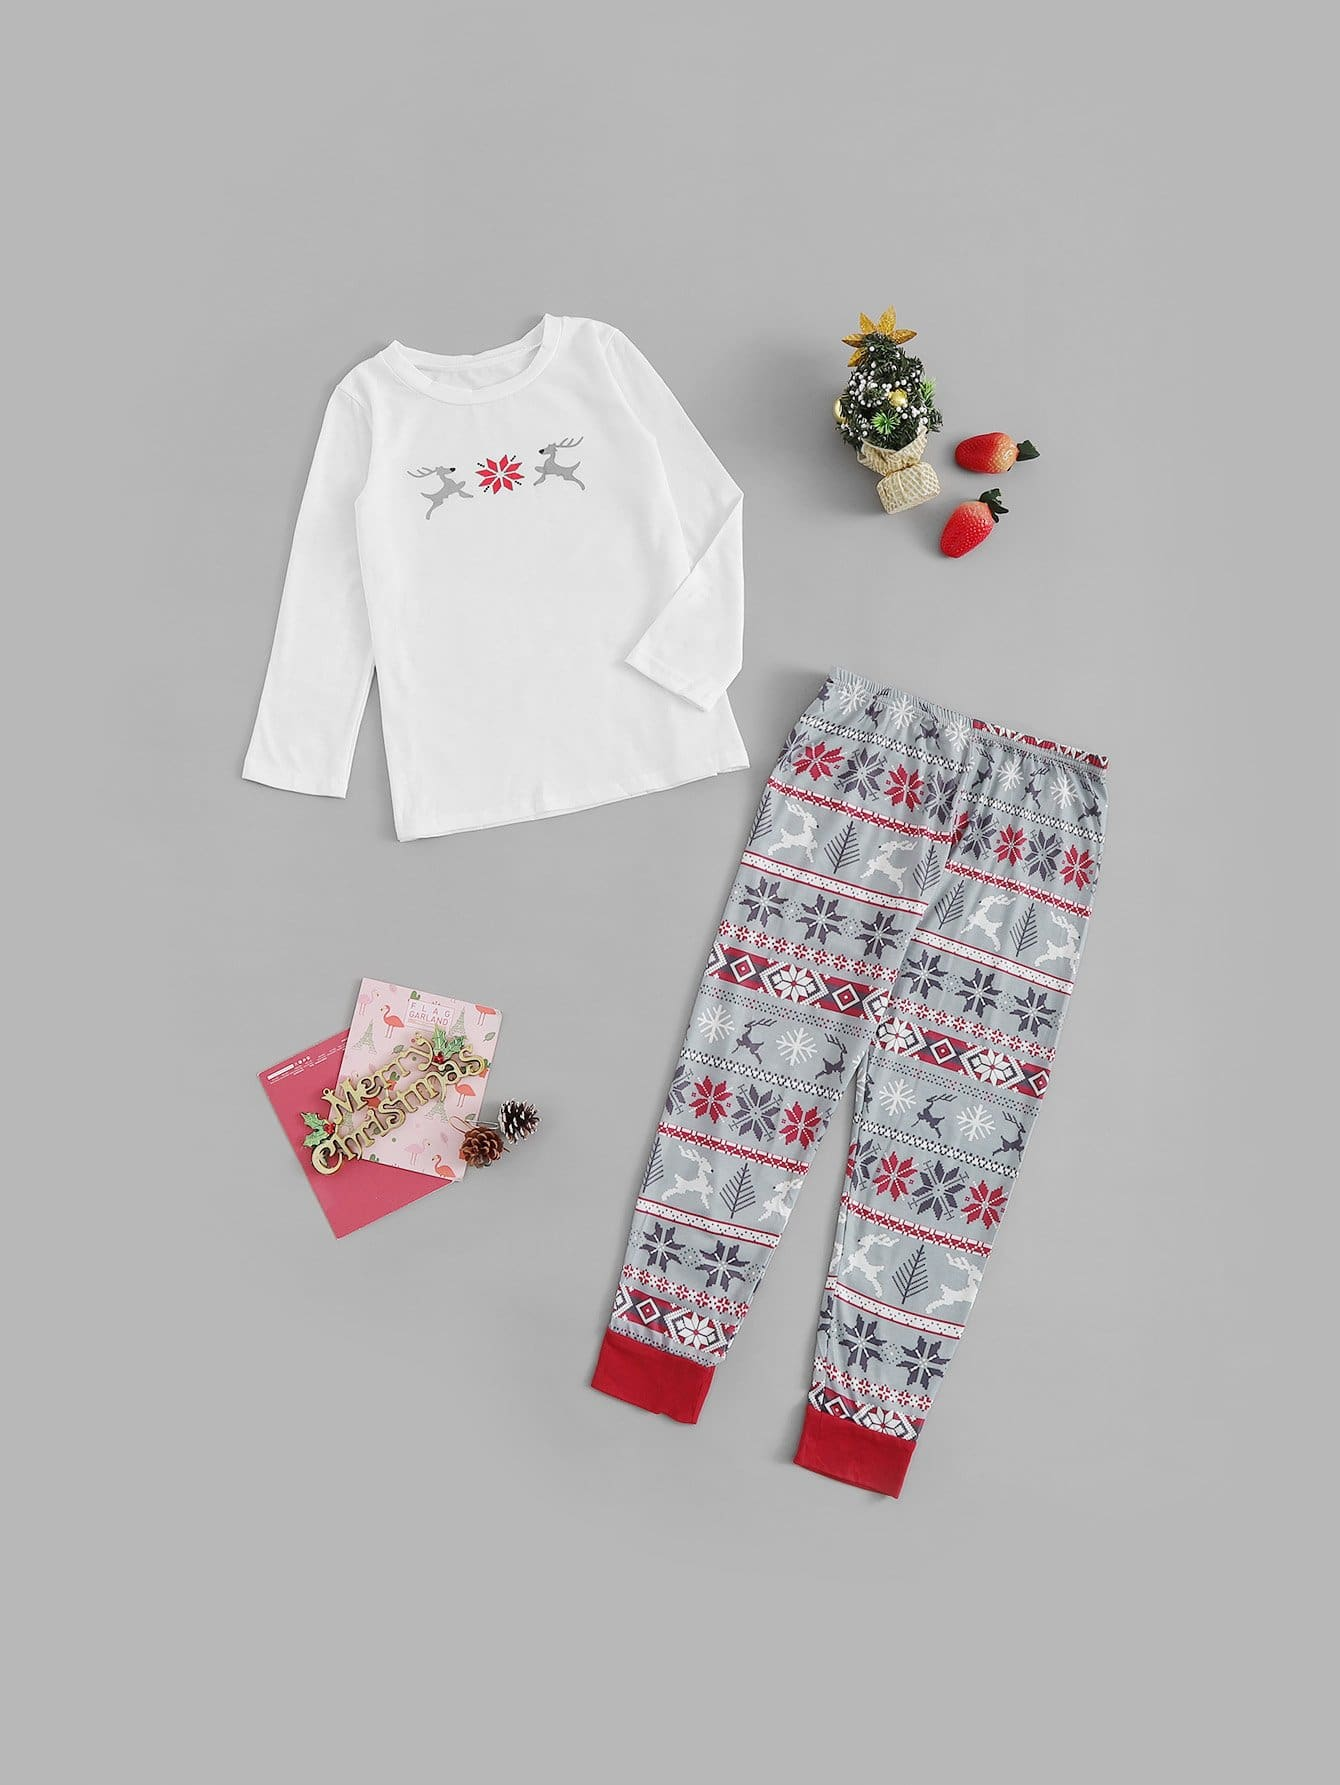 Купить Рождественский комплект пижамы с принтом оленя и снега для детей, null, SheIn